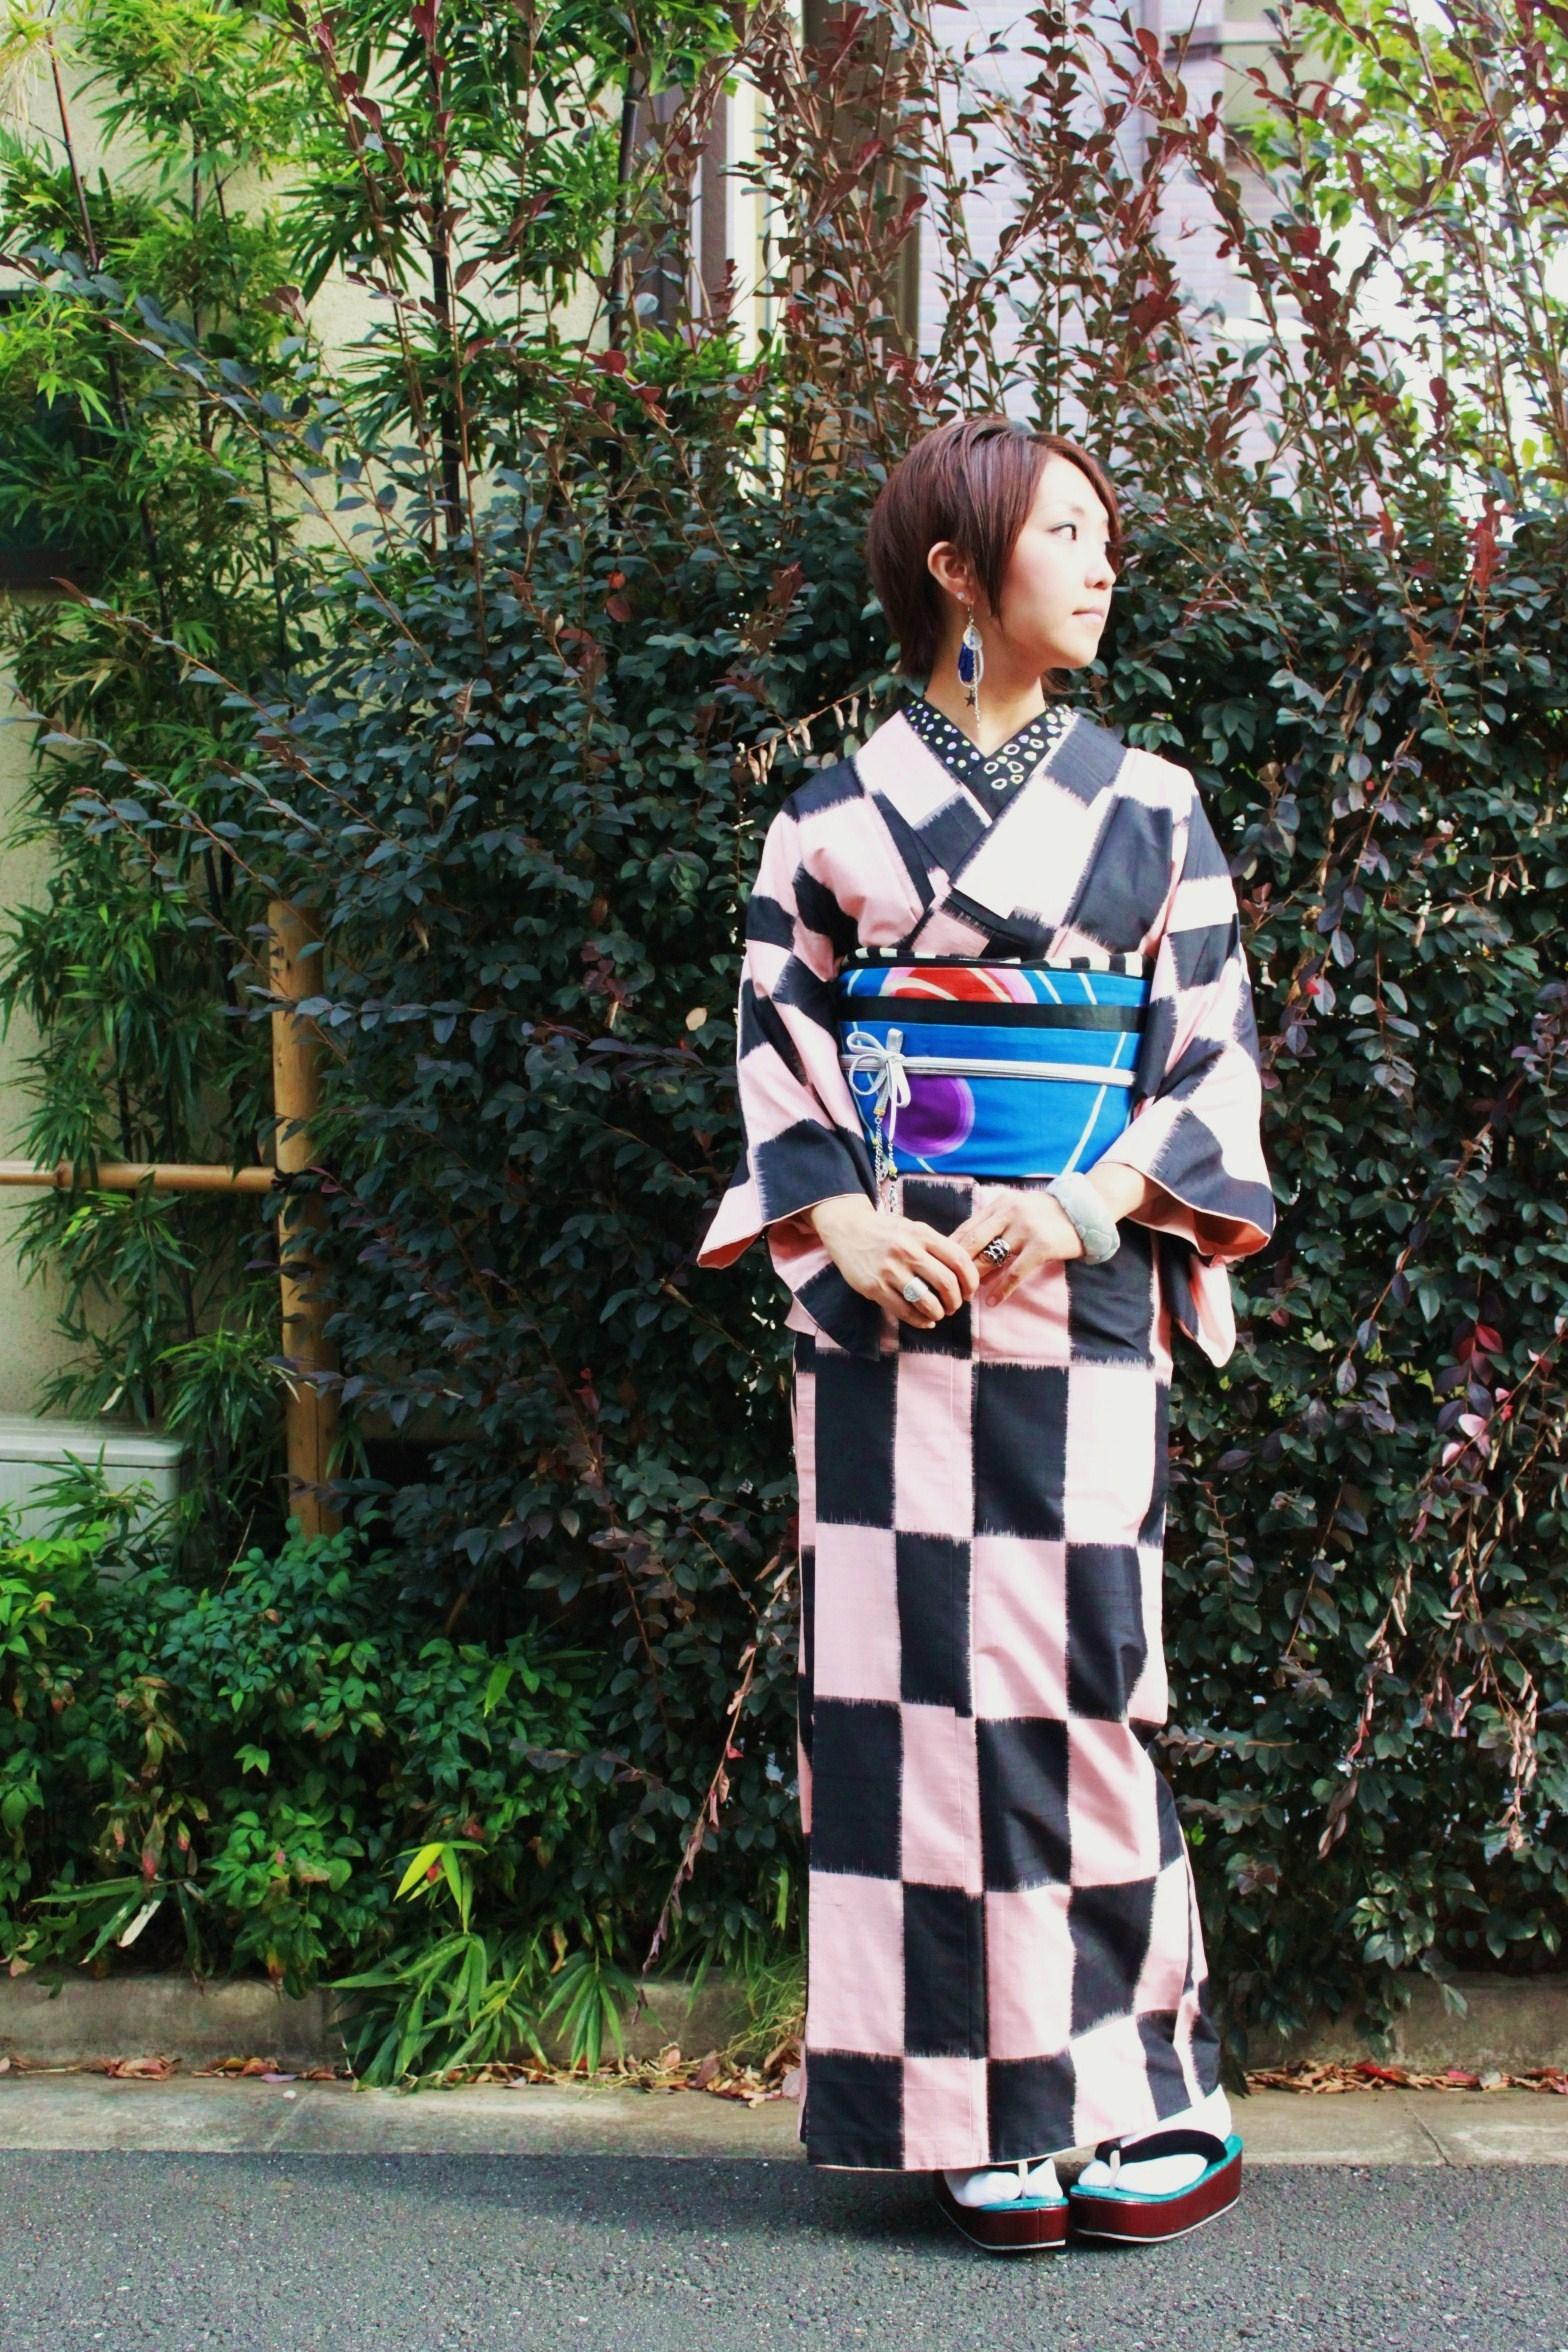 和装が似合うようになりたい!おしゃれな浴衣や着物をご紹介します☆のサムネイル画像